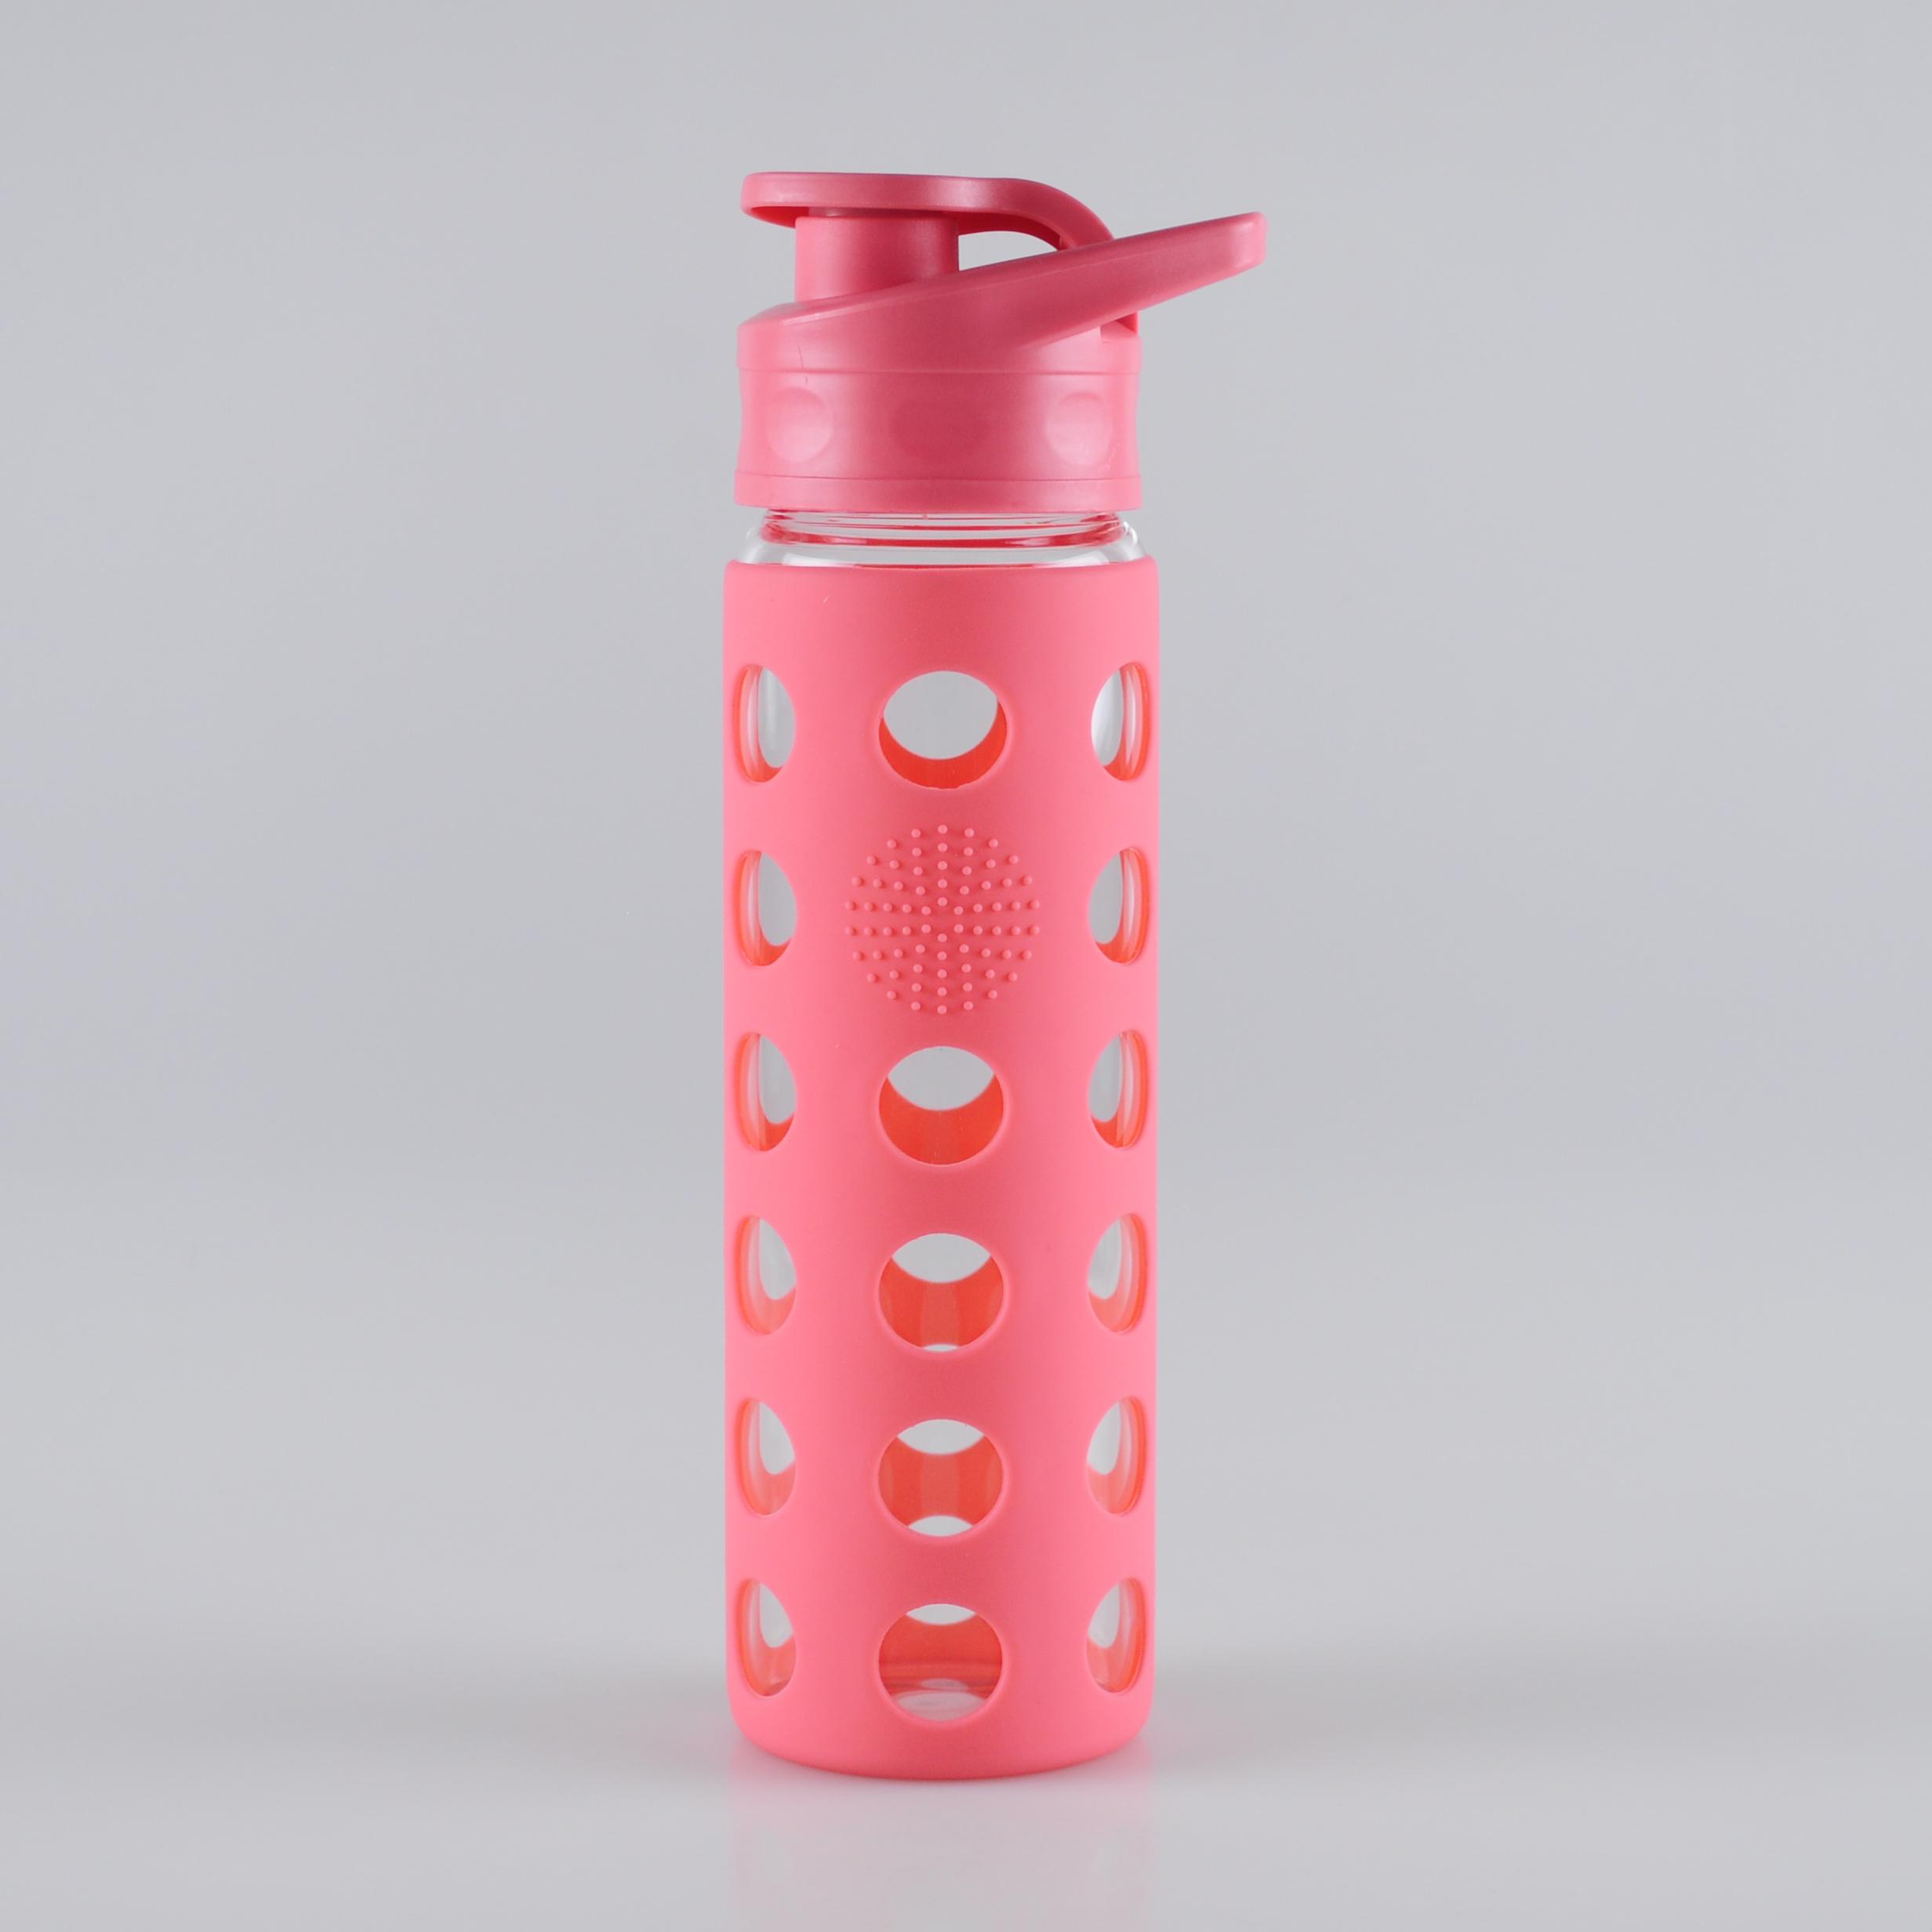 650ml-silicone-sleeve-fruit-juice-glass-bottle (1)